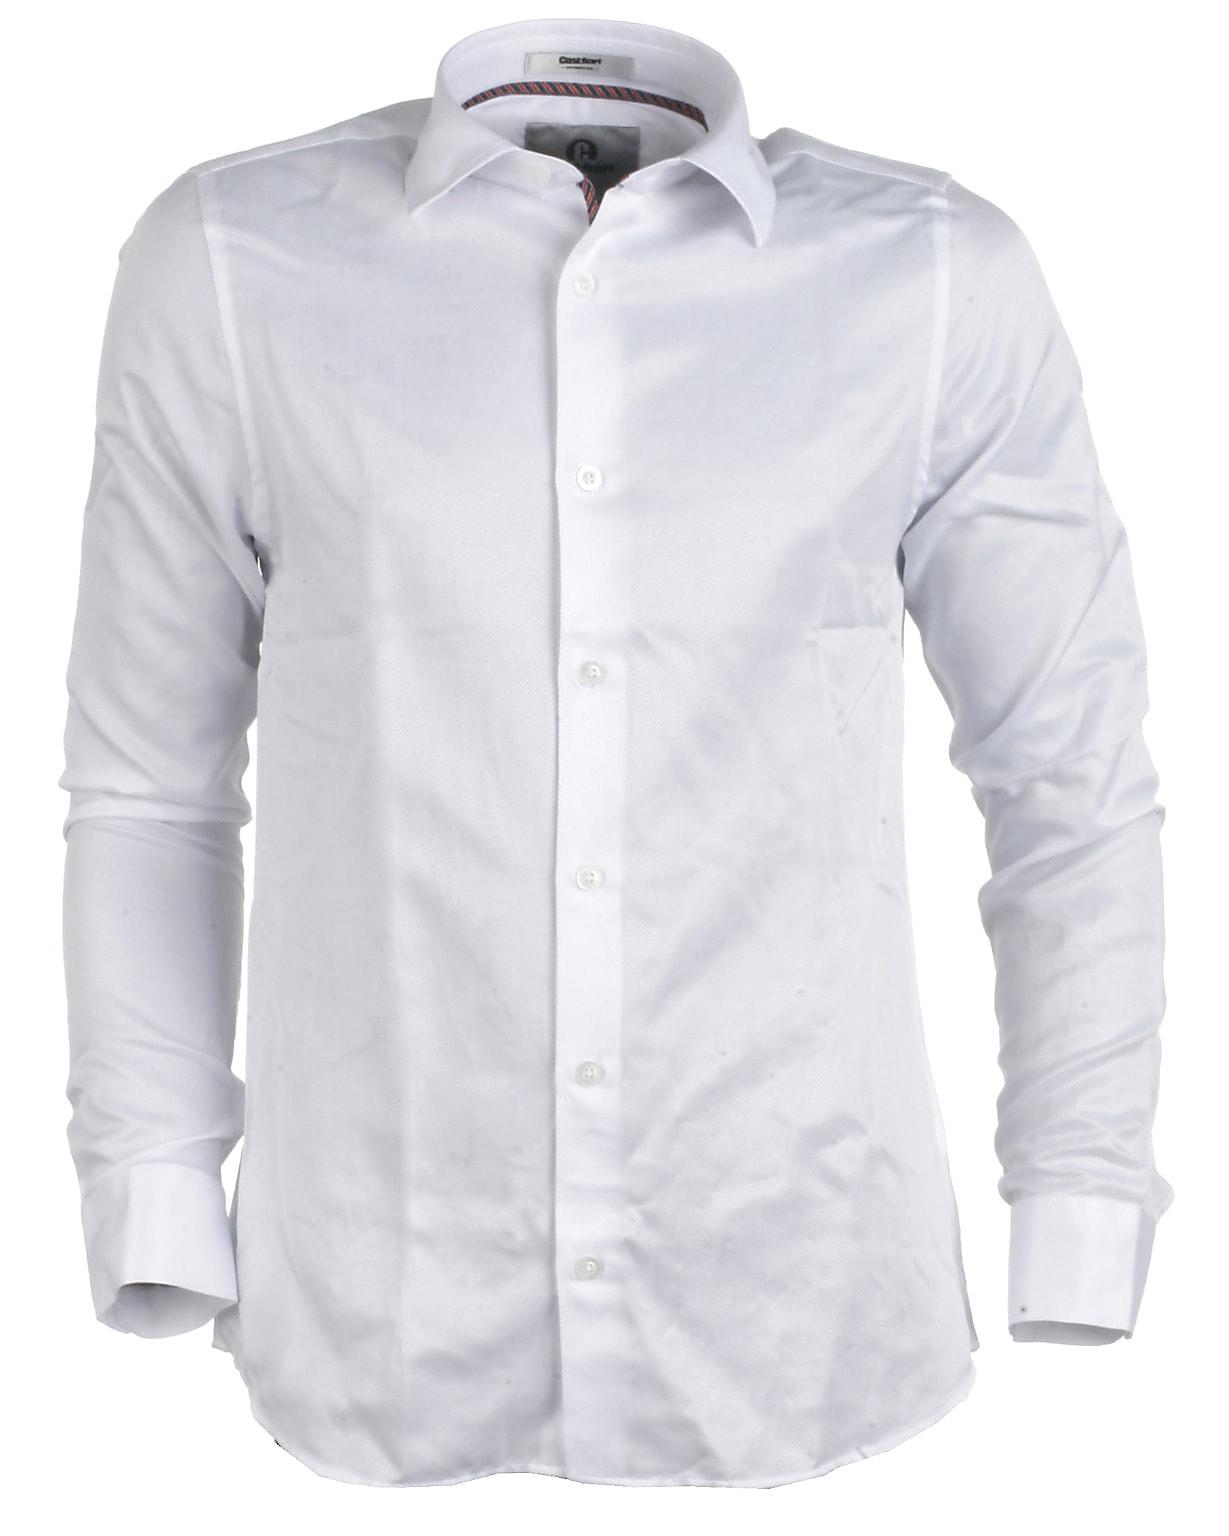 9260ea17430 Cost:bart skjorte l/s, hvid, Kristoffer - Mode online til de unge!